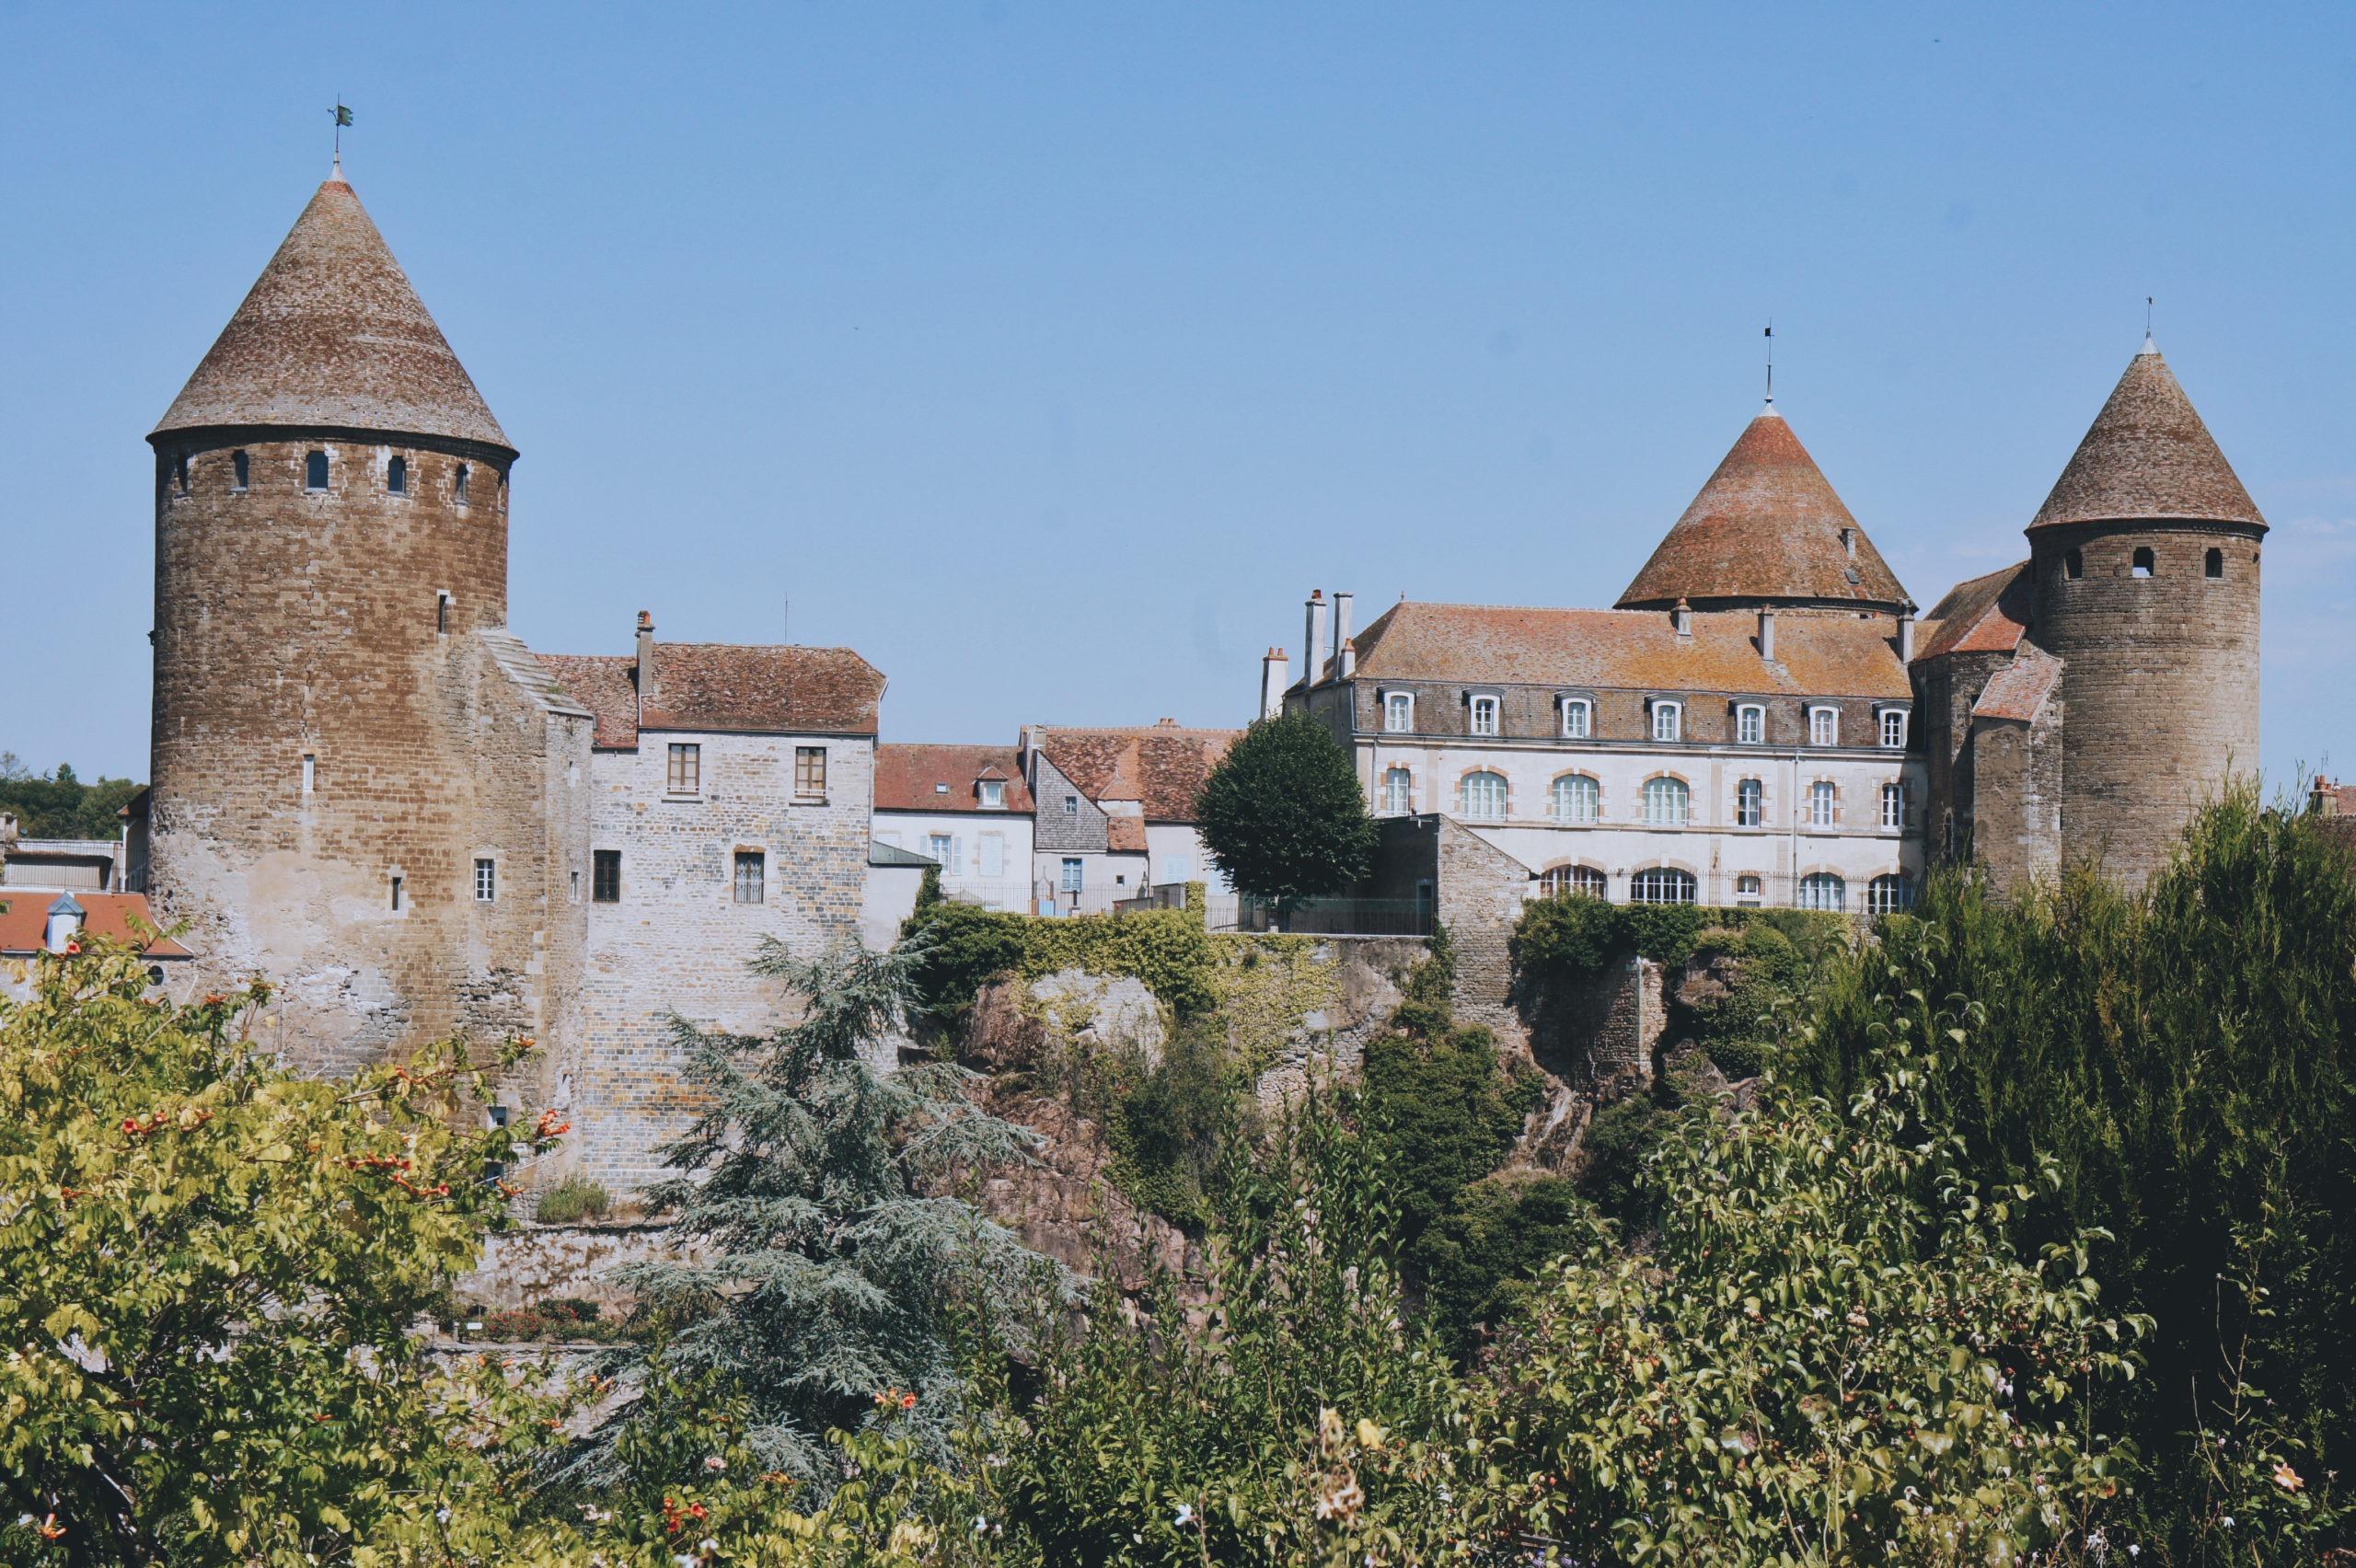 Vue panoramique sur Semur-en-Auxois depuis la promenade des remparts